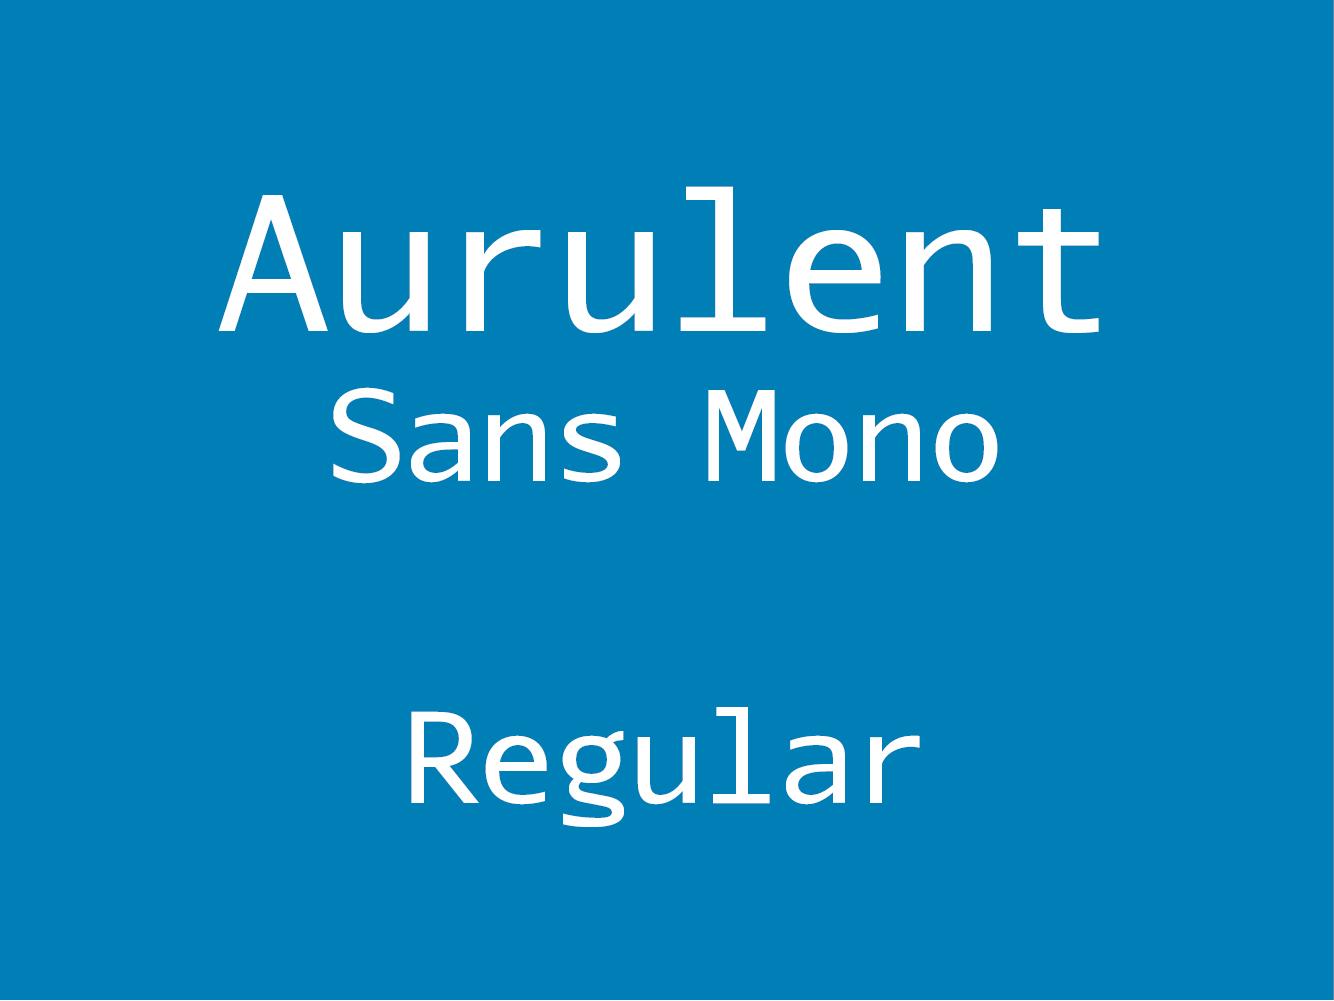 Aurulent Sans Mono